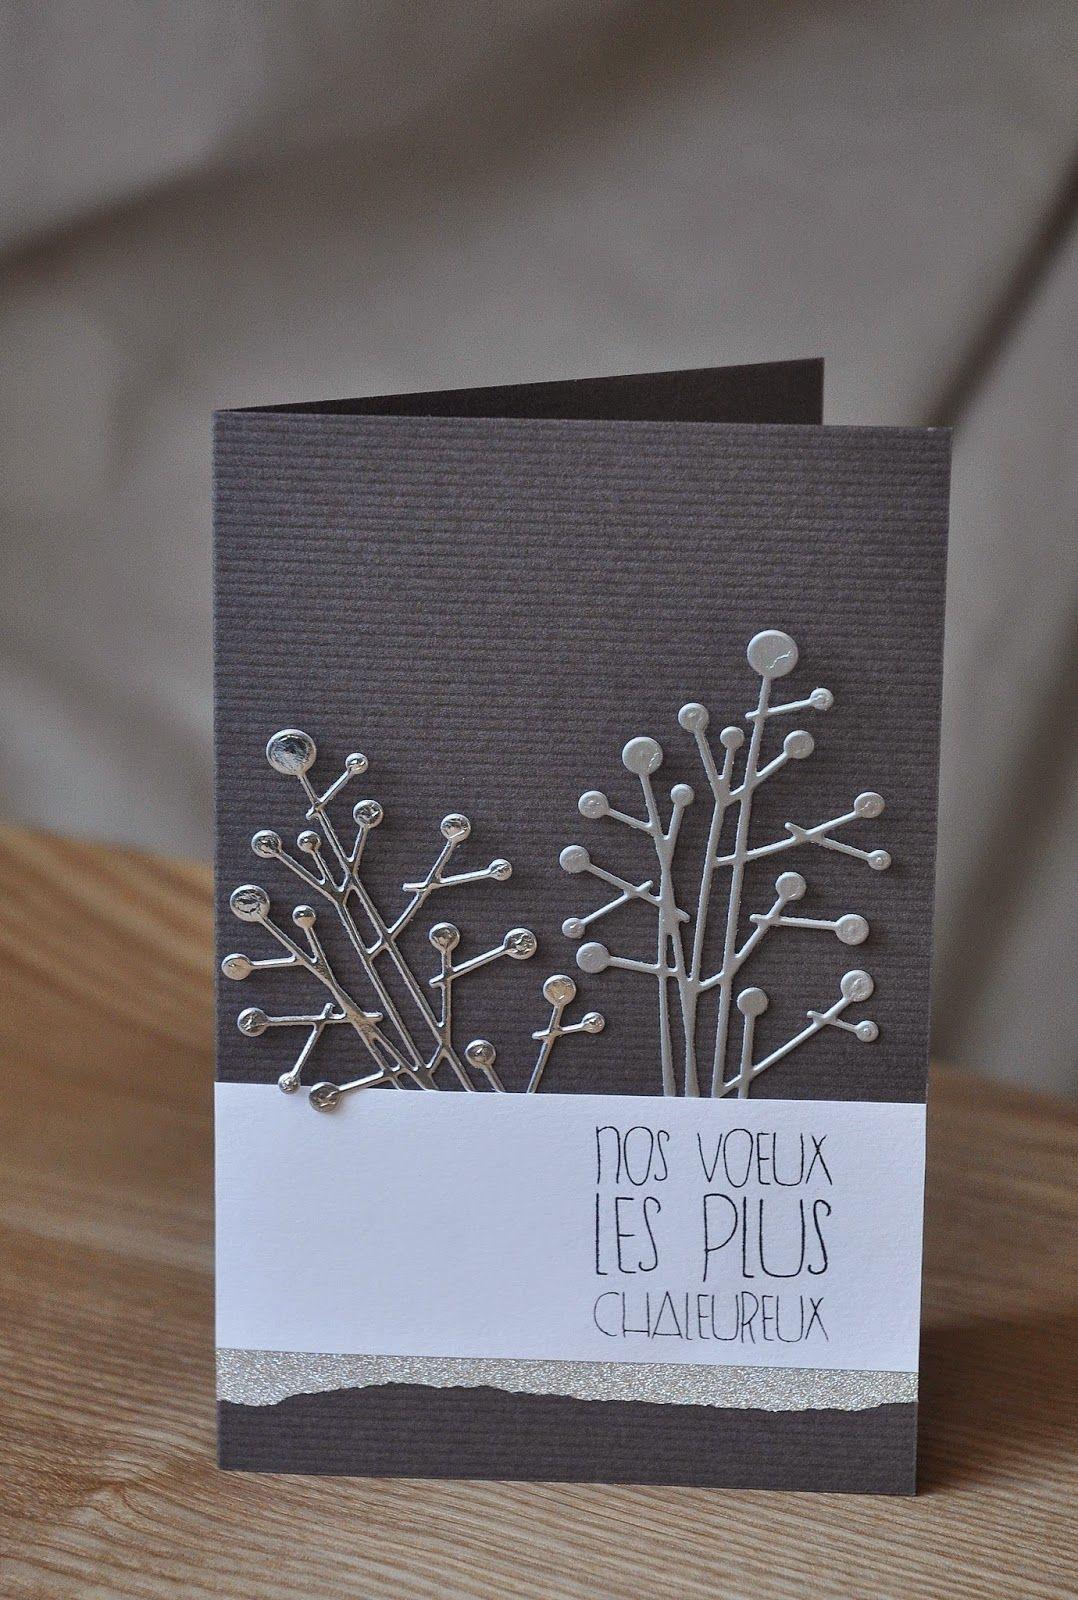 Épinglé par valérie rased sur cartes de voeux | pinterest